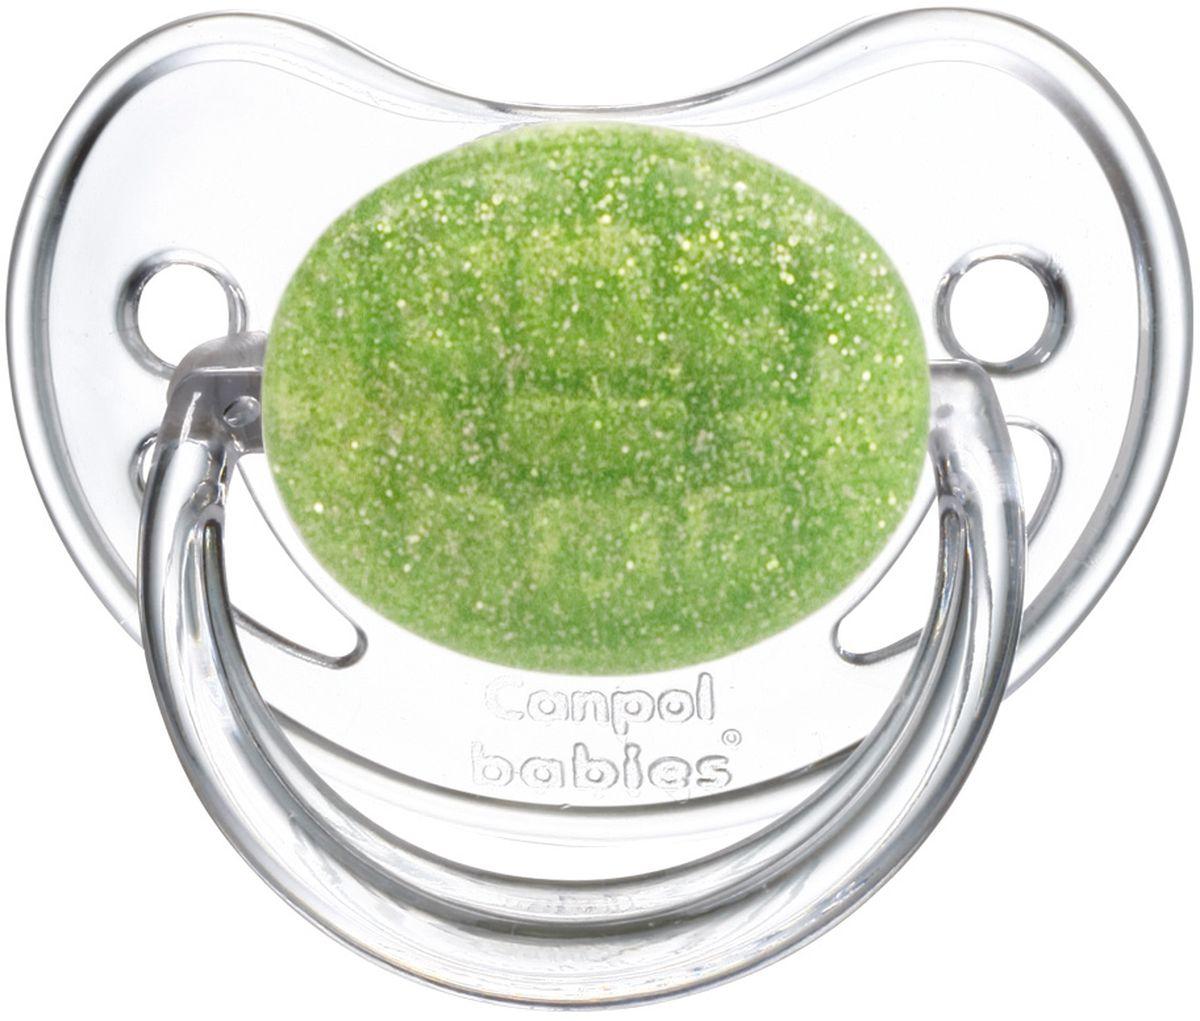 Canpol Babies Пустышка латексная Moonlight от 0 до 6 месяцев цвет зеленый